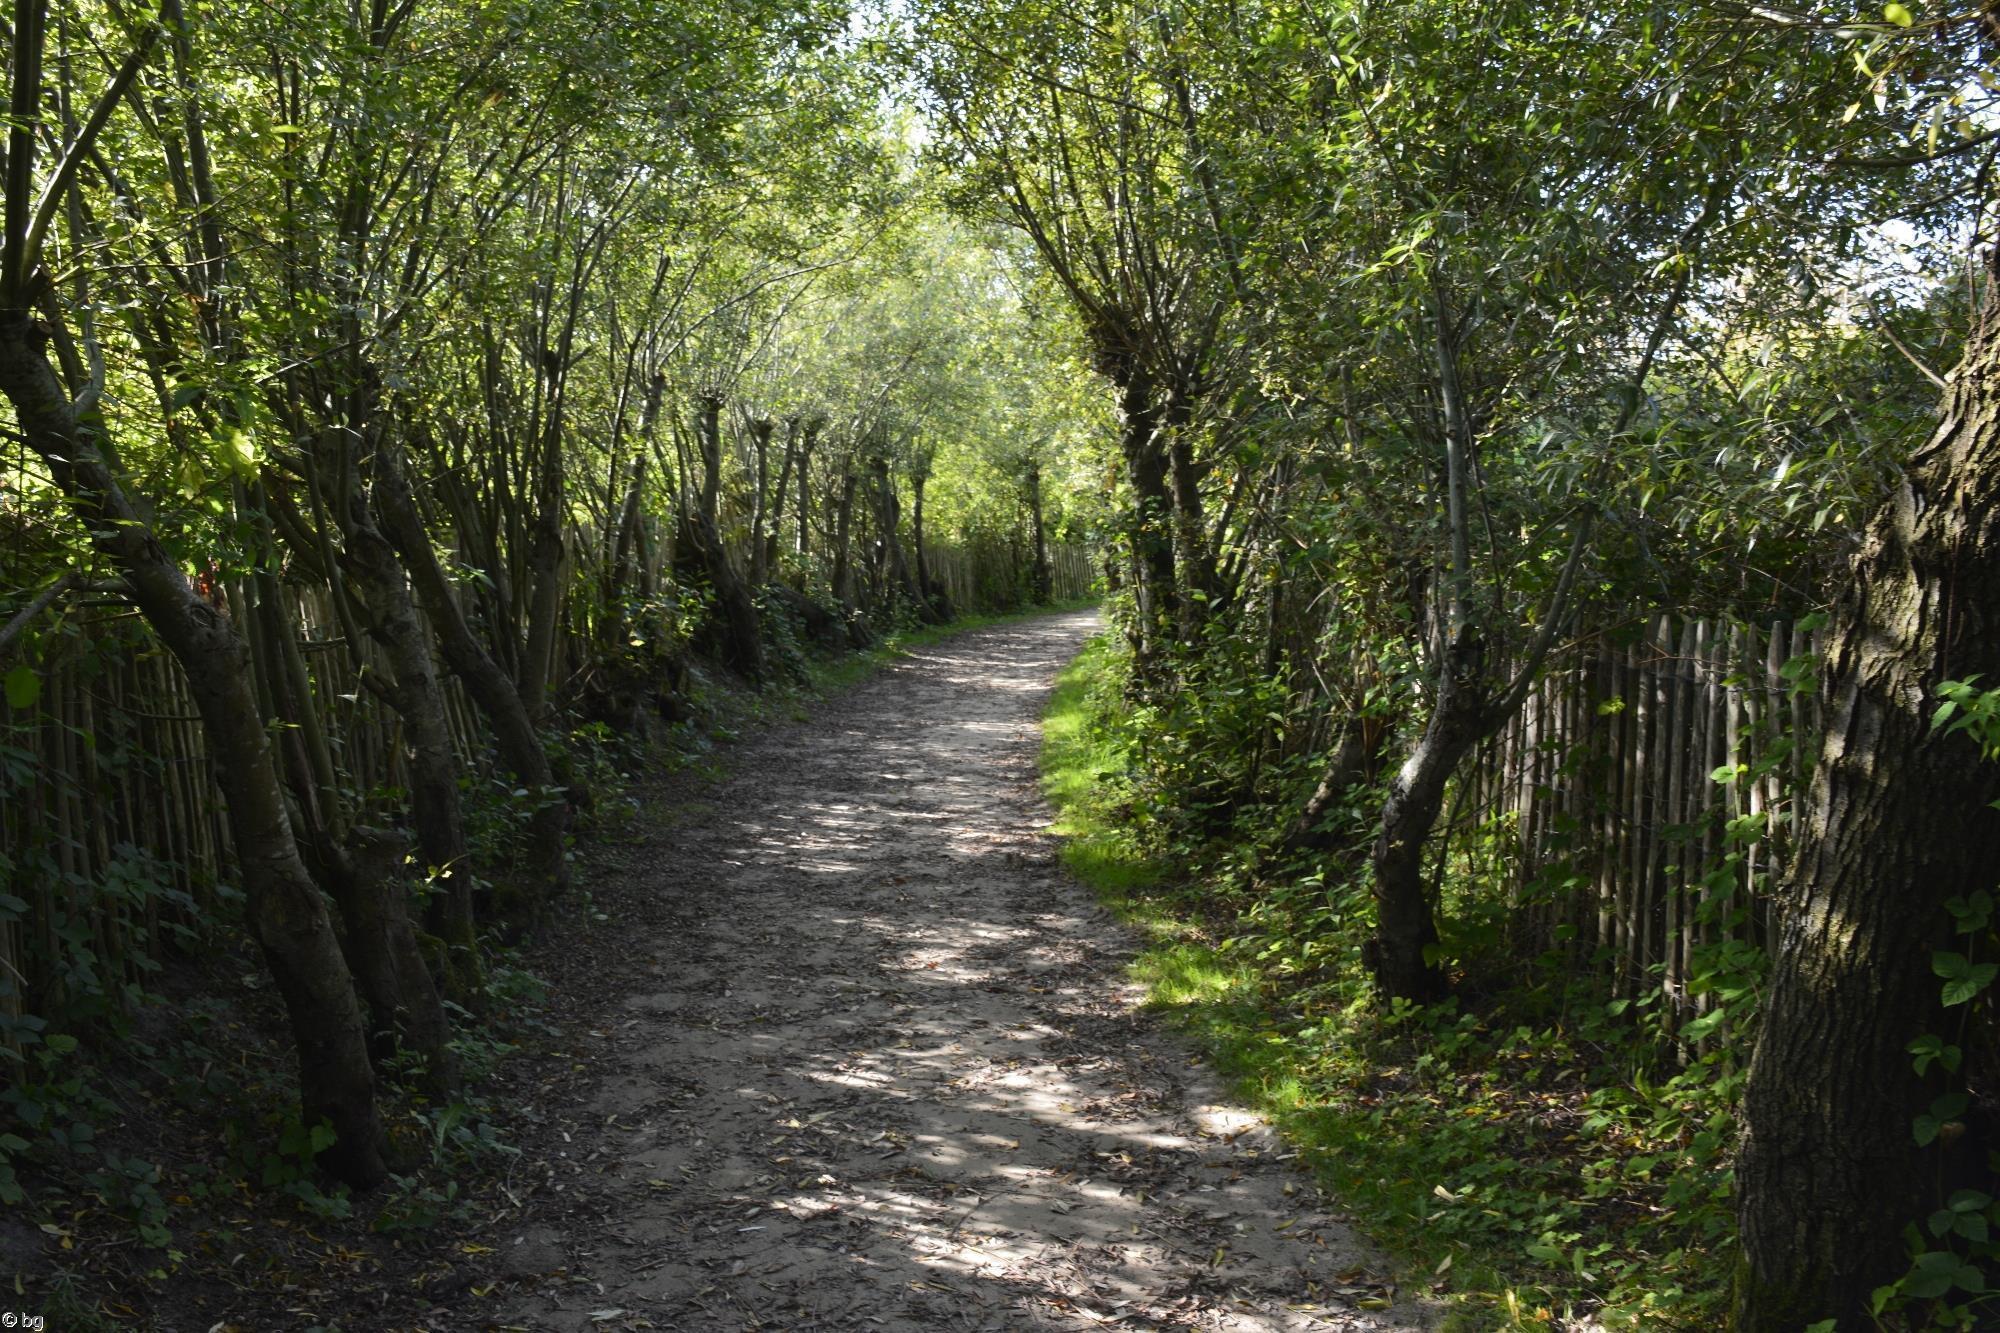 parc-du-marquenterre_promenade-dans-la-verdure_15